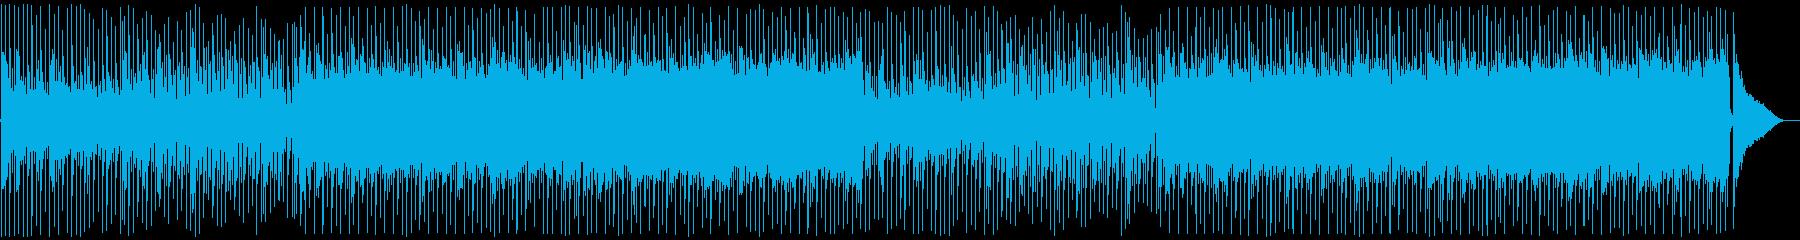 温もり、感動、希望。穏やかな優しい音楽。の再生済みの波形